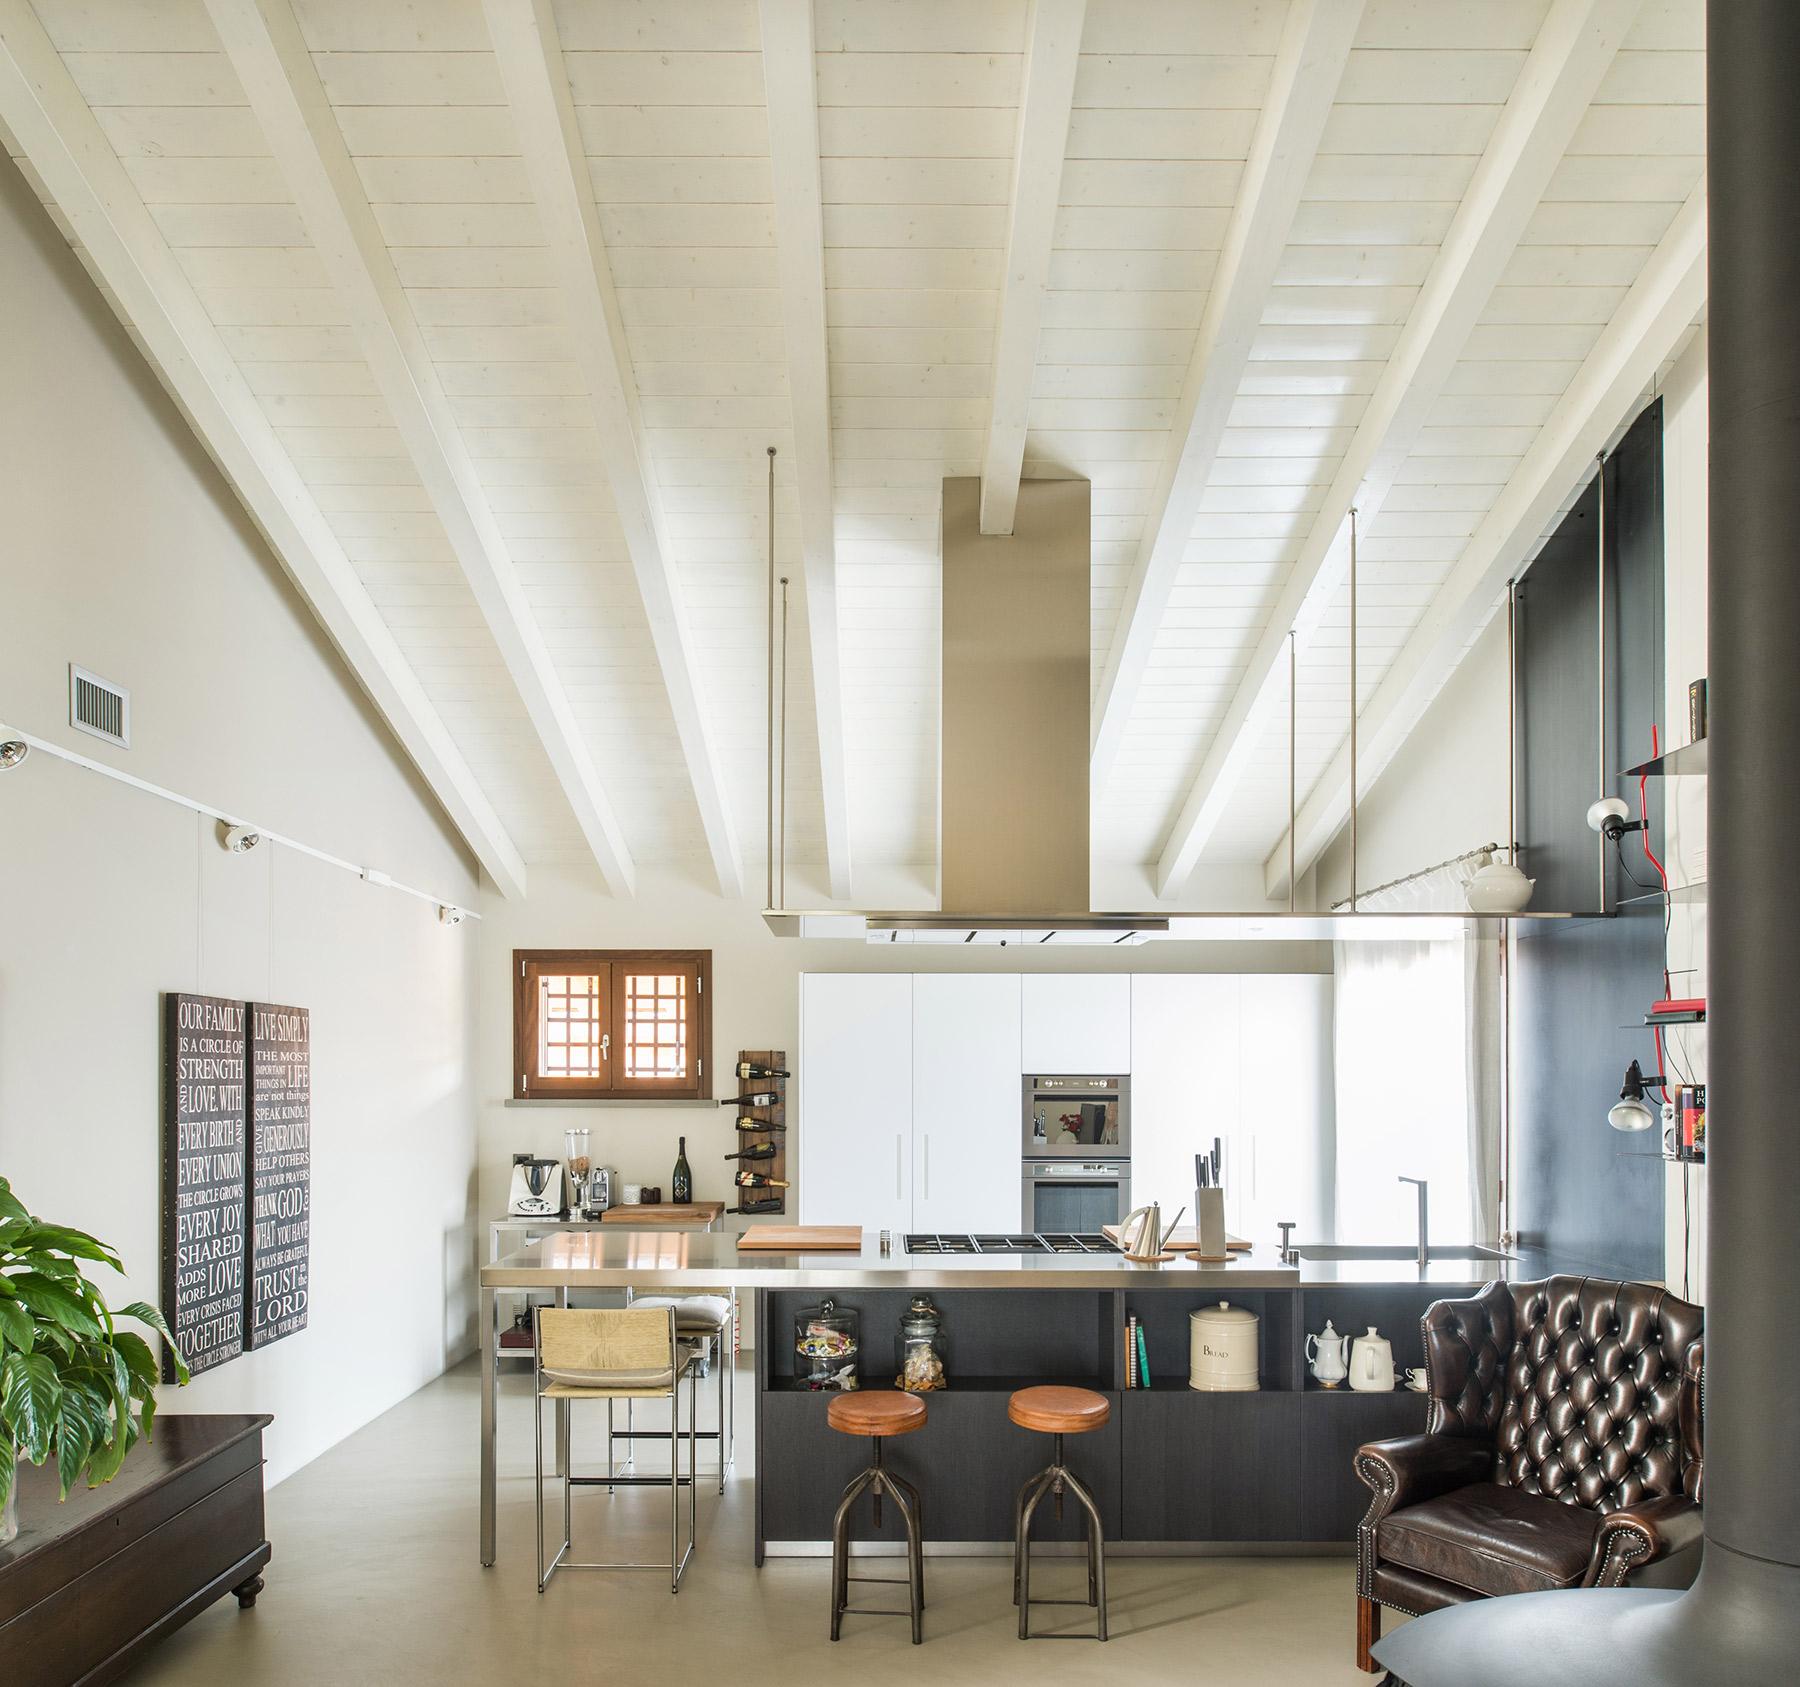 Tra design e arredi stile vintage al portico arredamenti for Arredamenti al vo